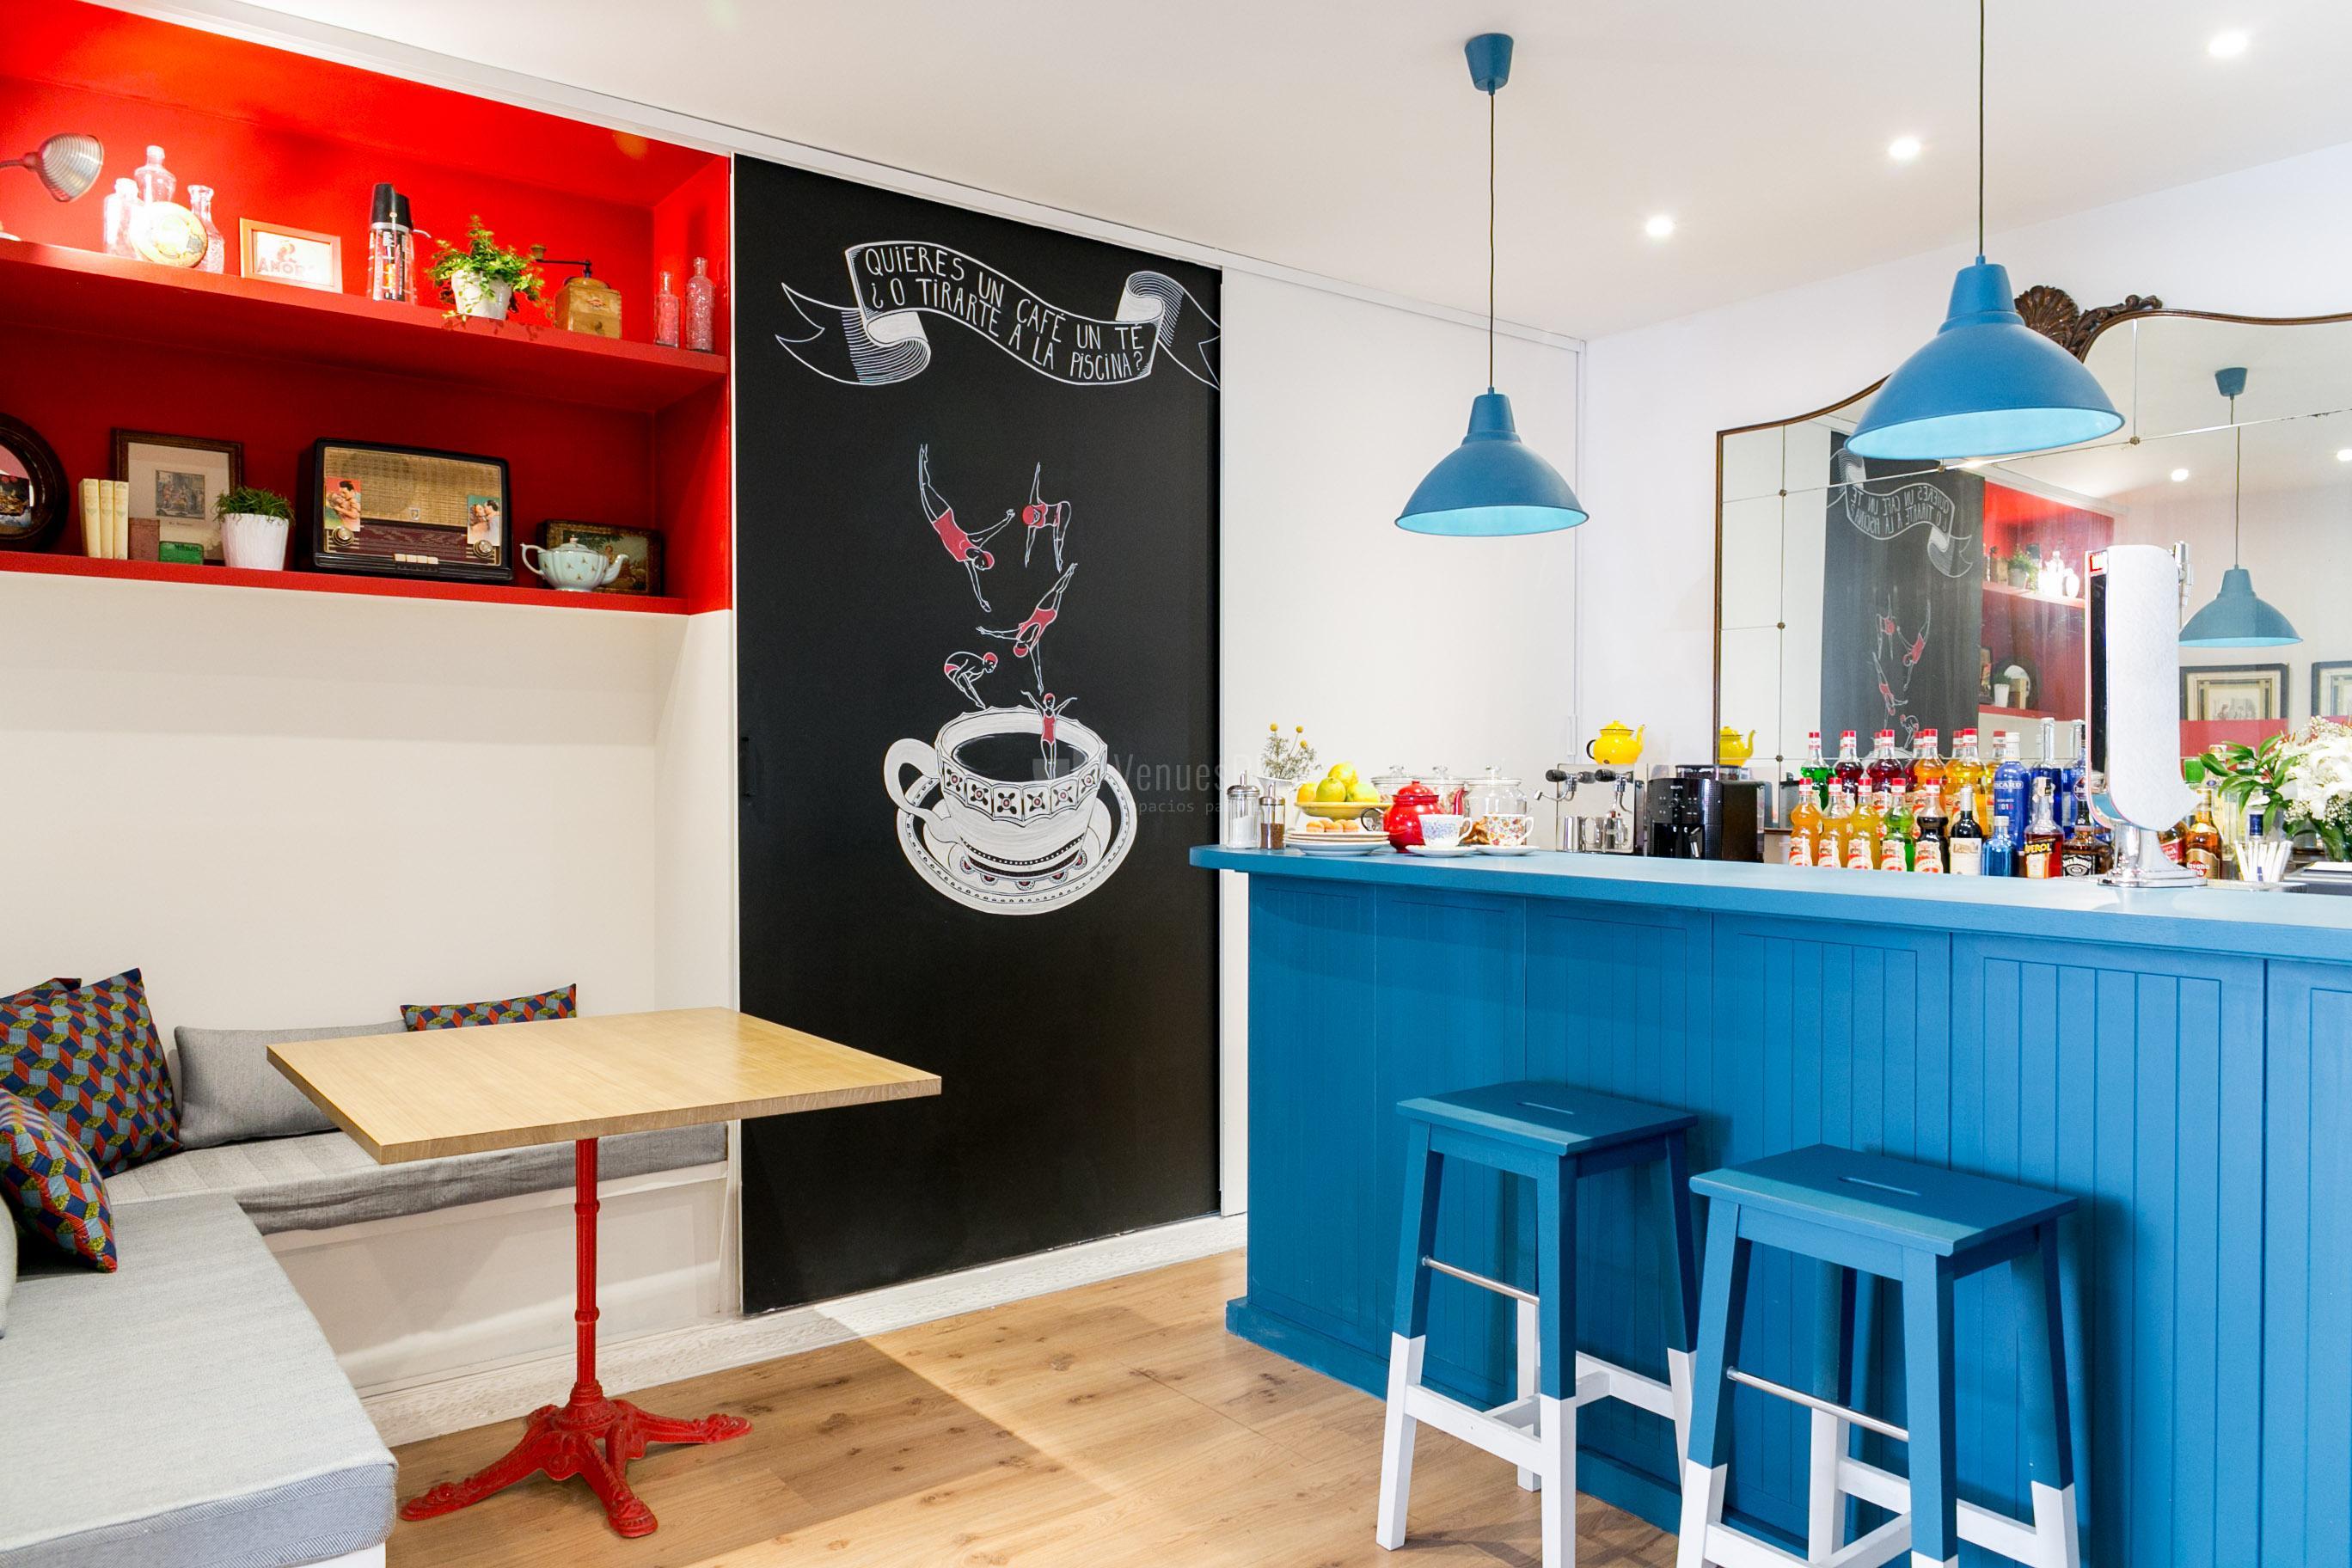 Pop up store, actividades team building y otros eventos corporativos en La Piscine Café